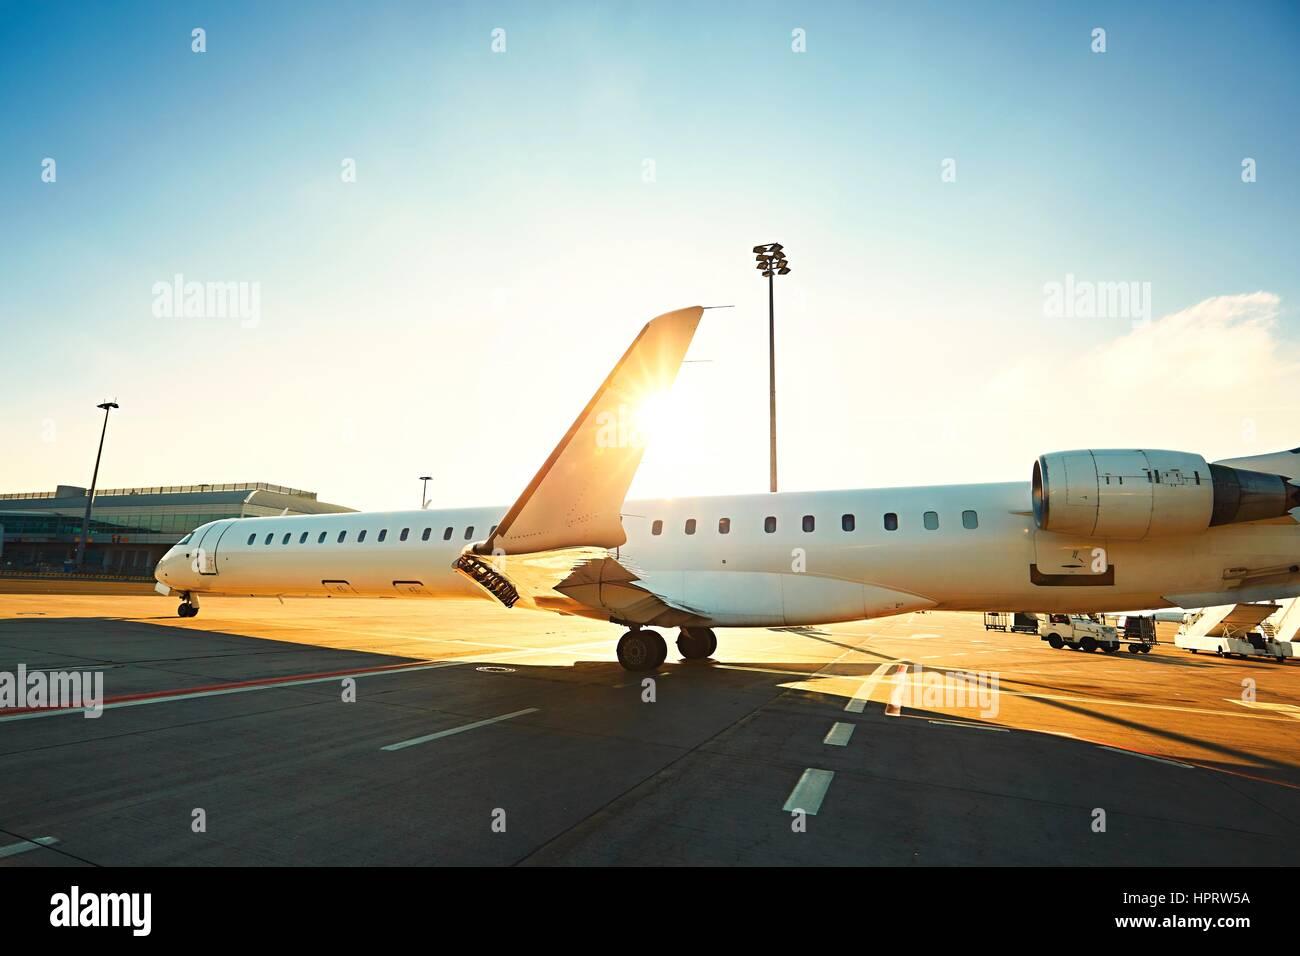 La vita quotidiana all'aeroporto internazionale. Il velivolo è il rullaggio in pista durante il tramonto. Immagini Stock